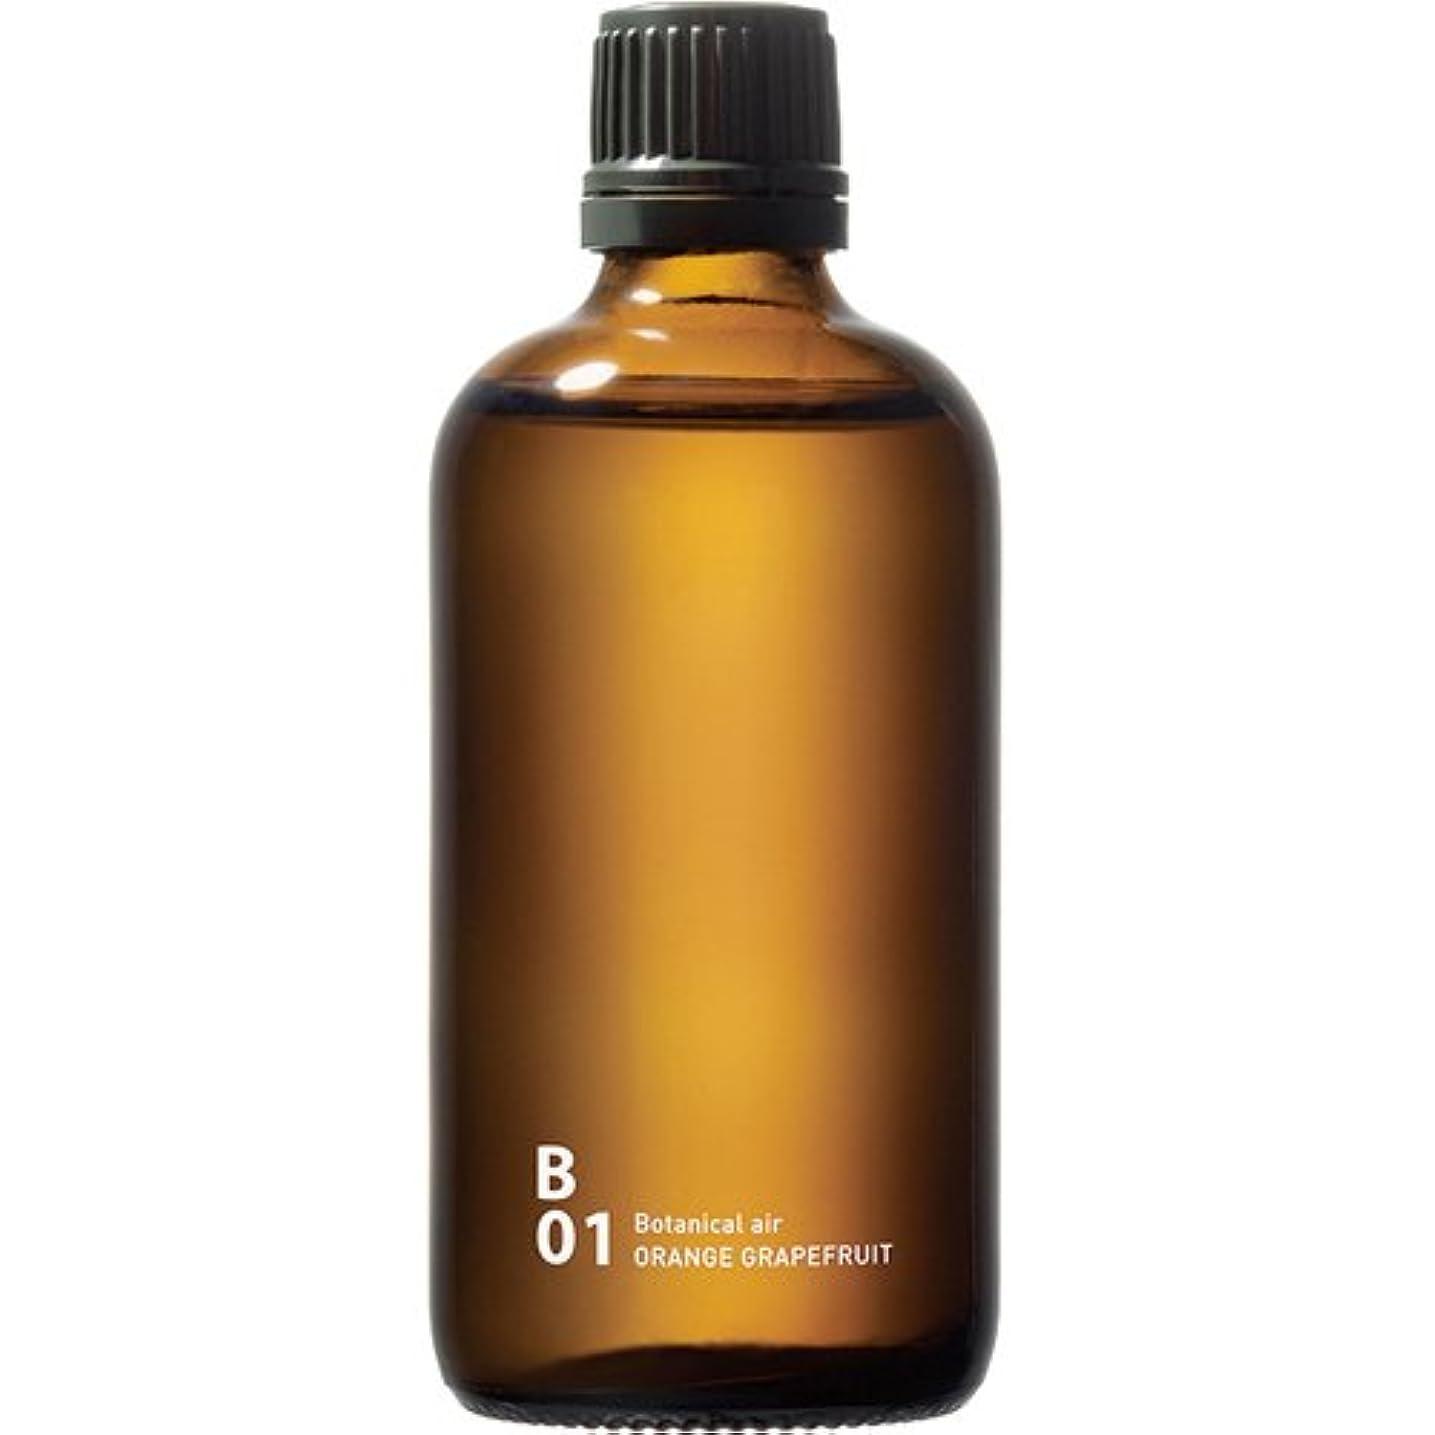 牛める学校B01 ORANGE GRAPEFRUIT piezo aroma oil 100ml